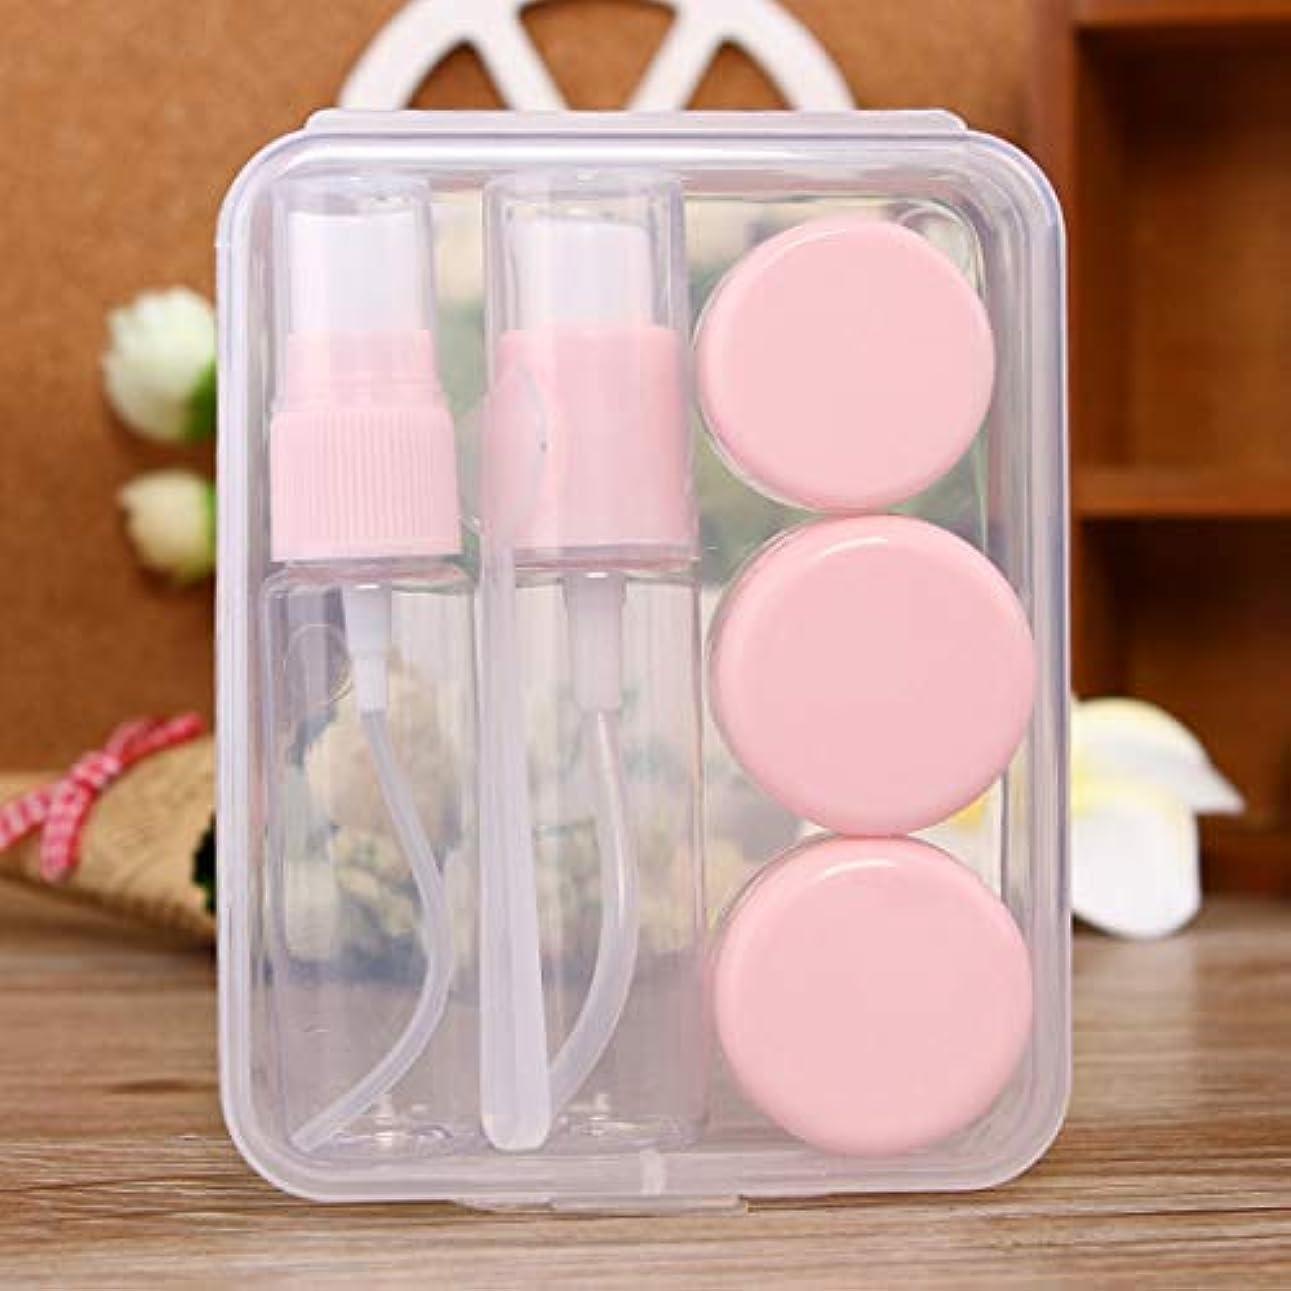 肺ラッチ記録MEI1JIA QUELLIAトラベルサイズの化粧品ボトルキット(ピンク) (色 : ピンク)